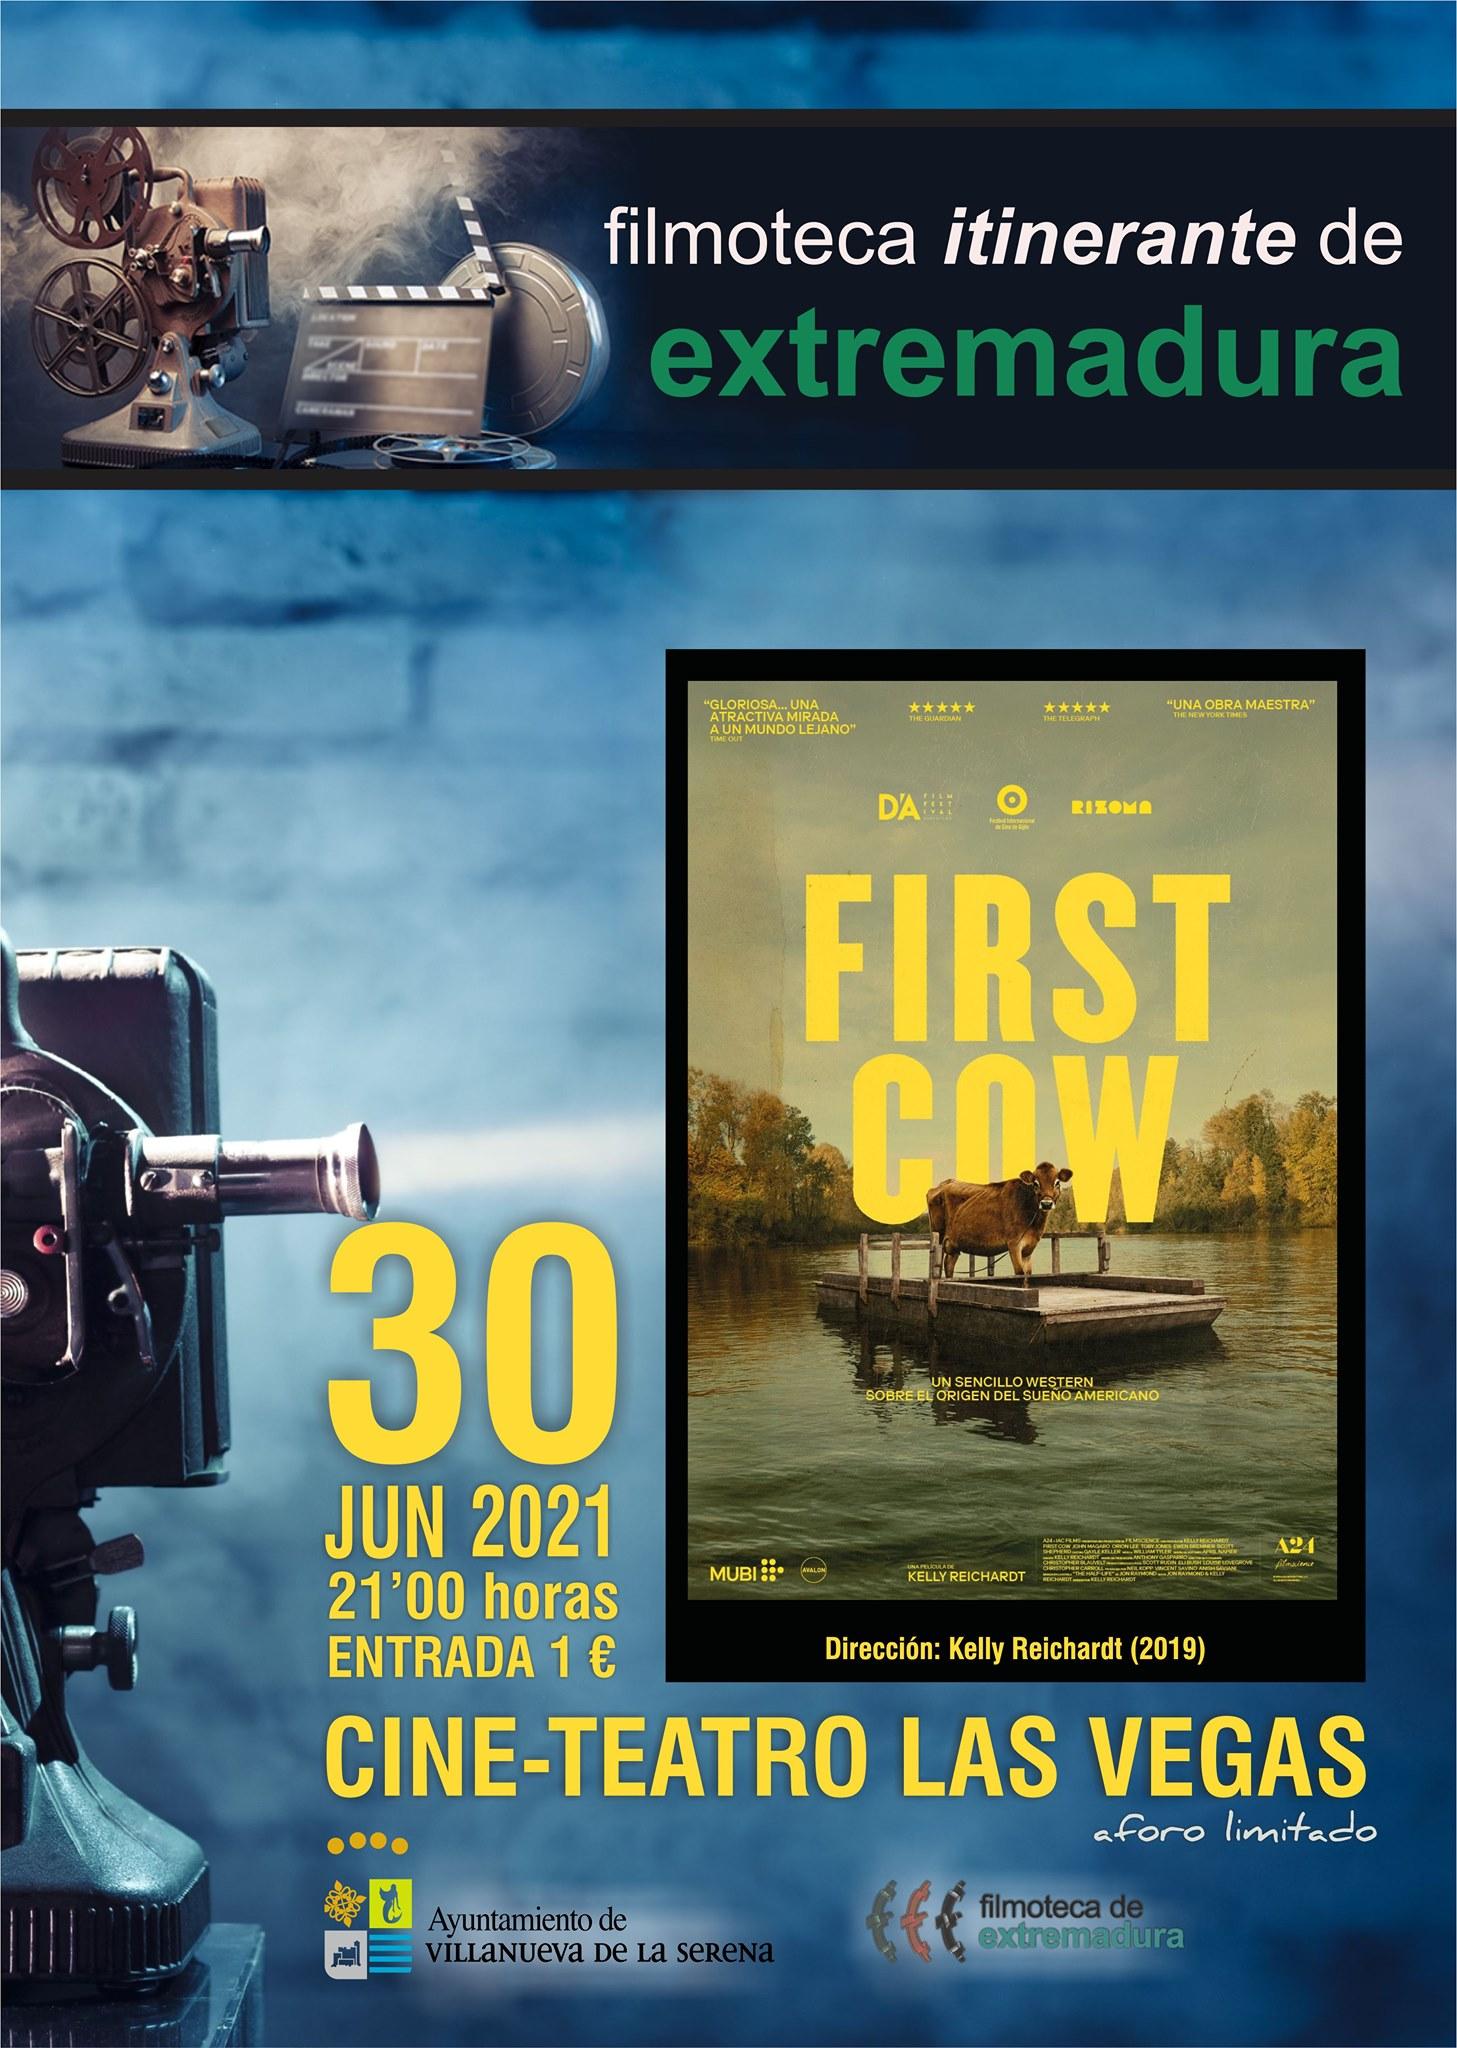 FIRST COW // Filmoteca itinerante de Extremadura.